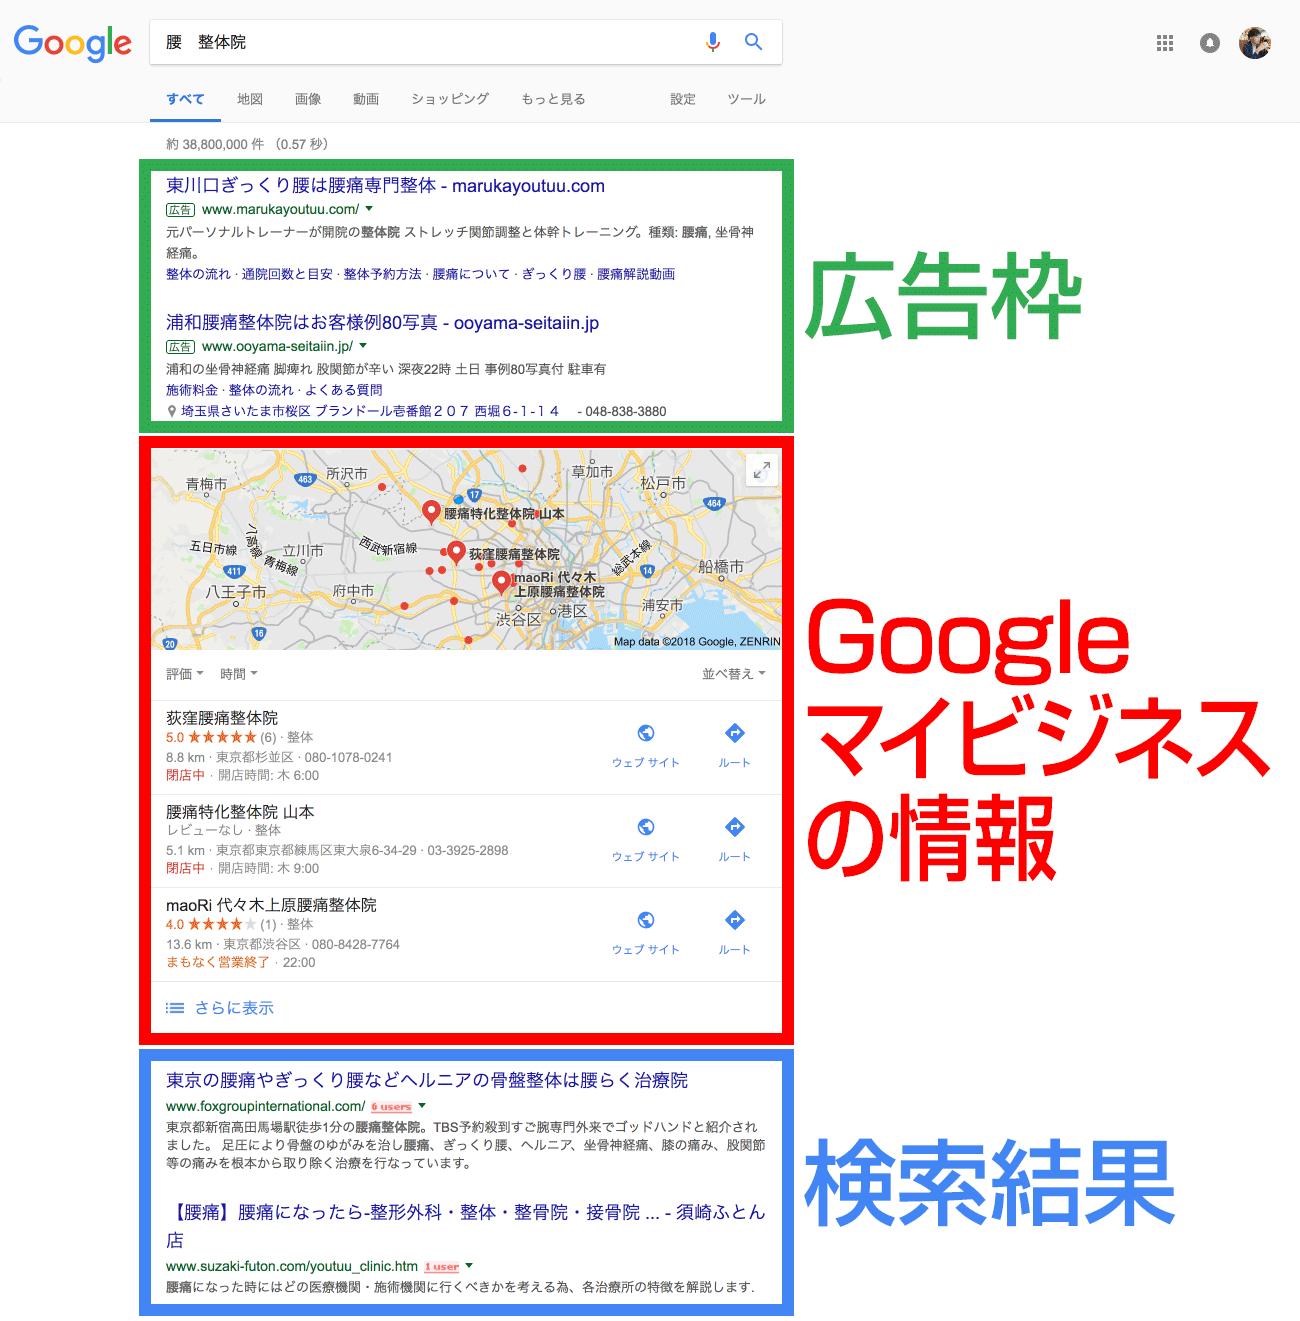 検索結果画面のGoogleマイビジネス